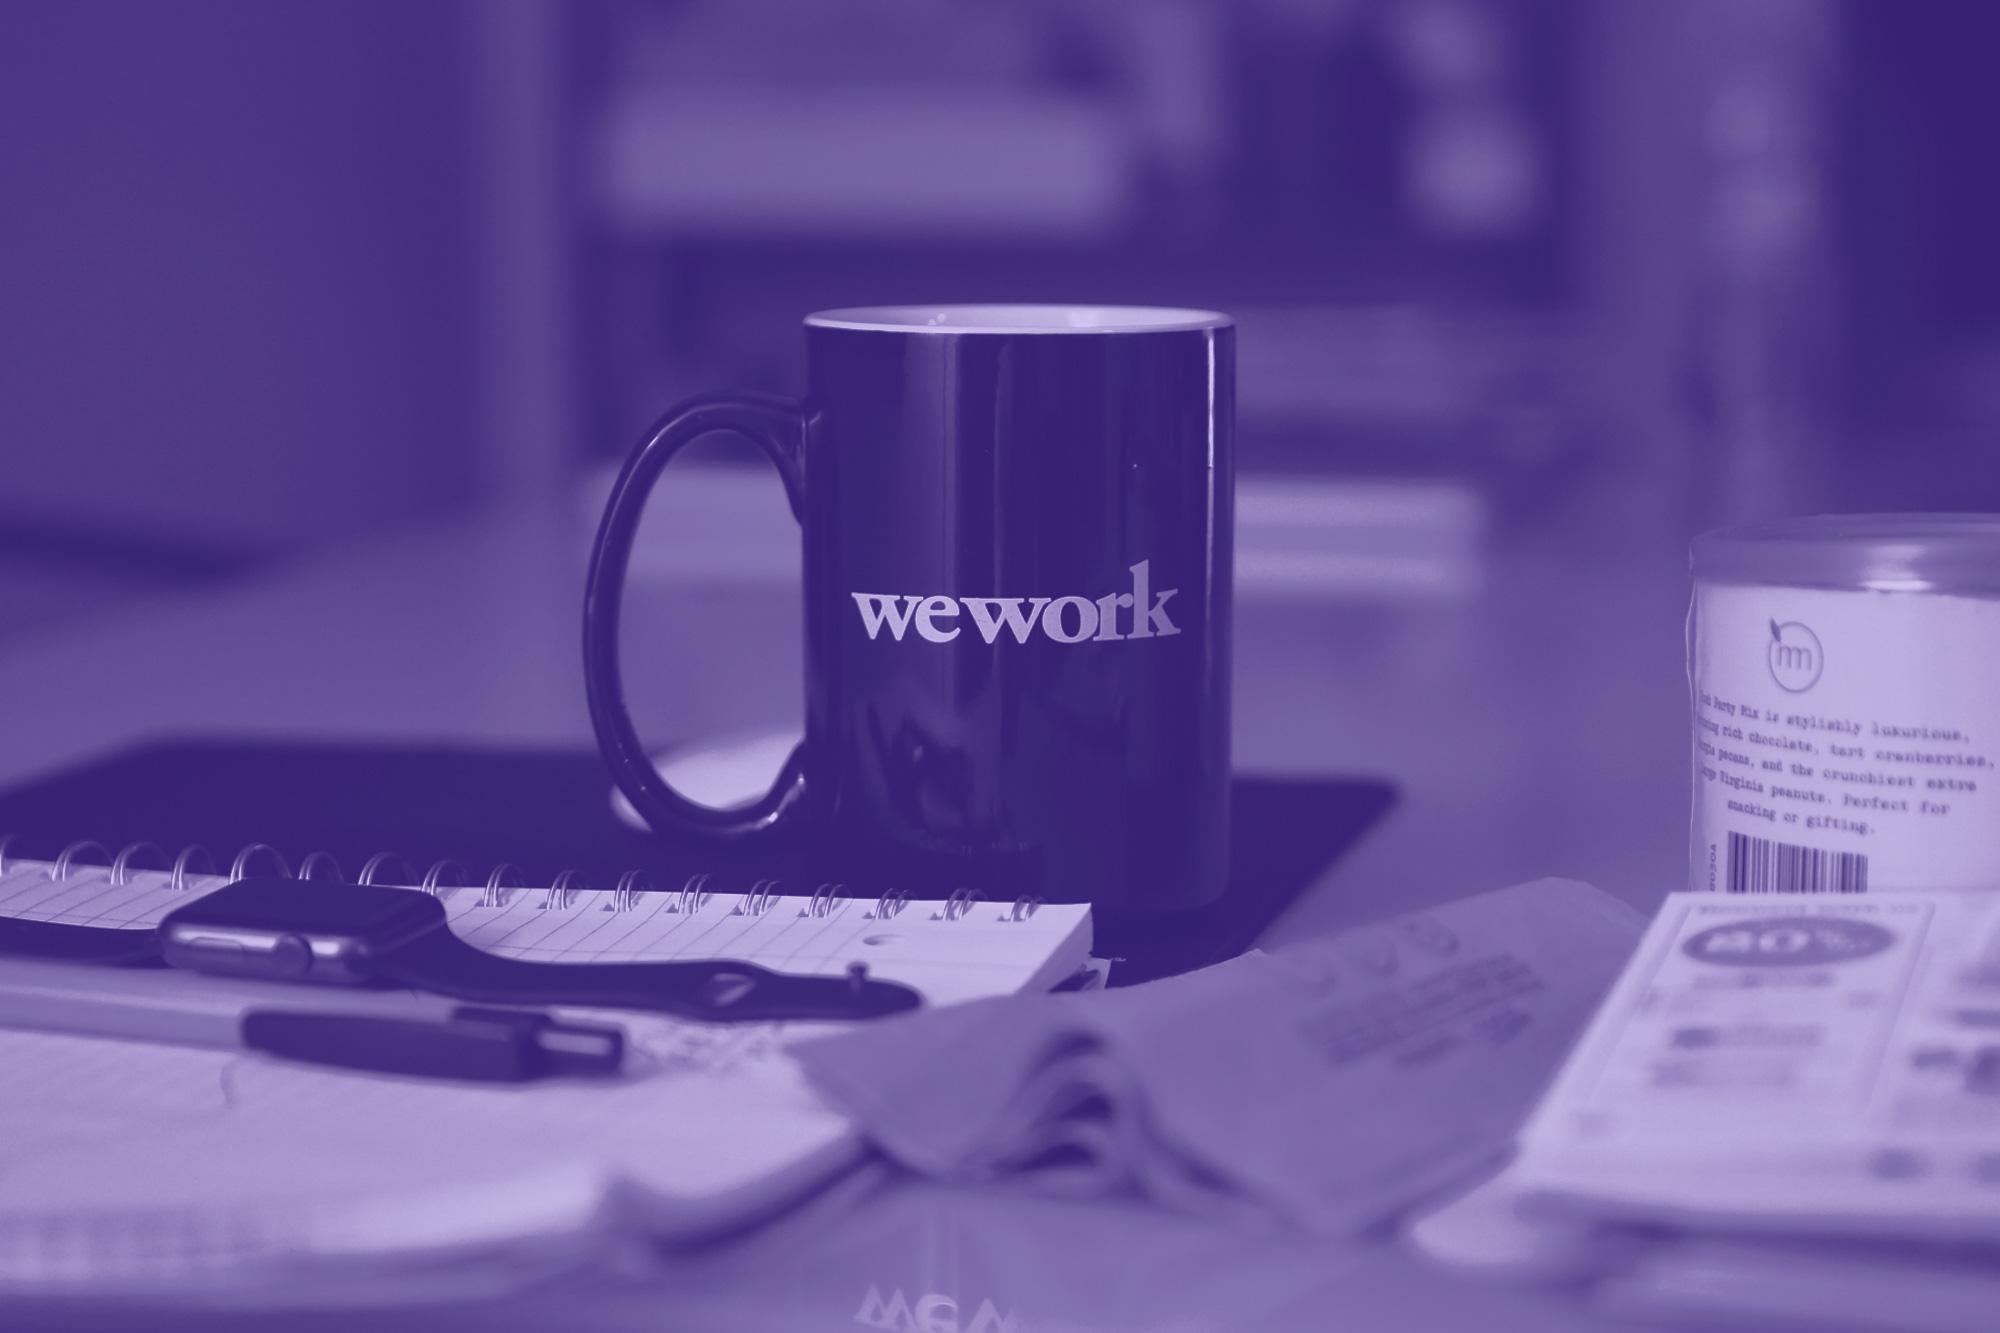 Vocabulary tips: cómo hablar de trabajo en inglés